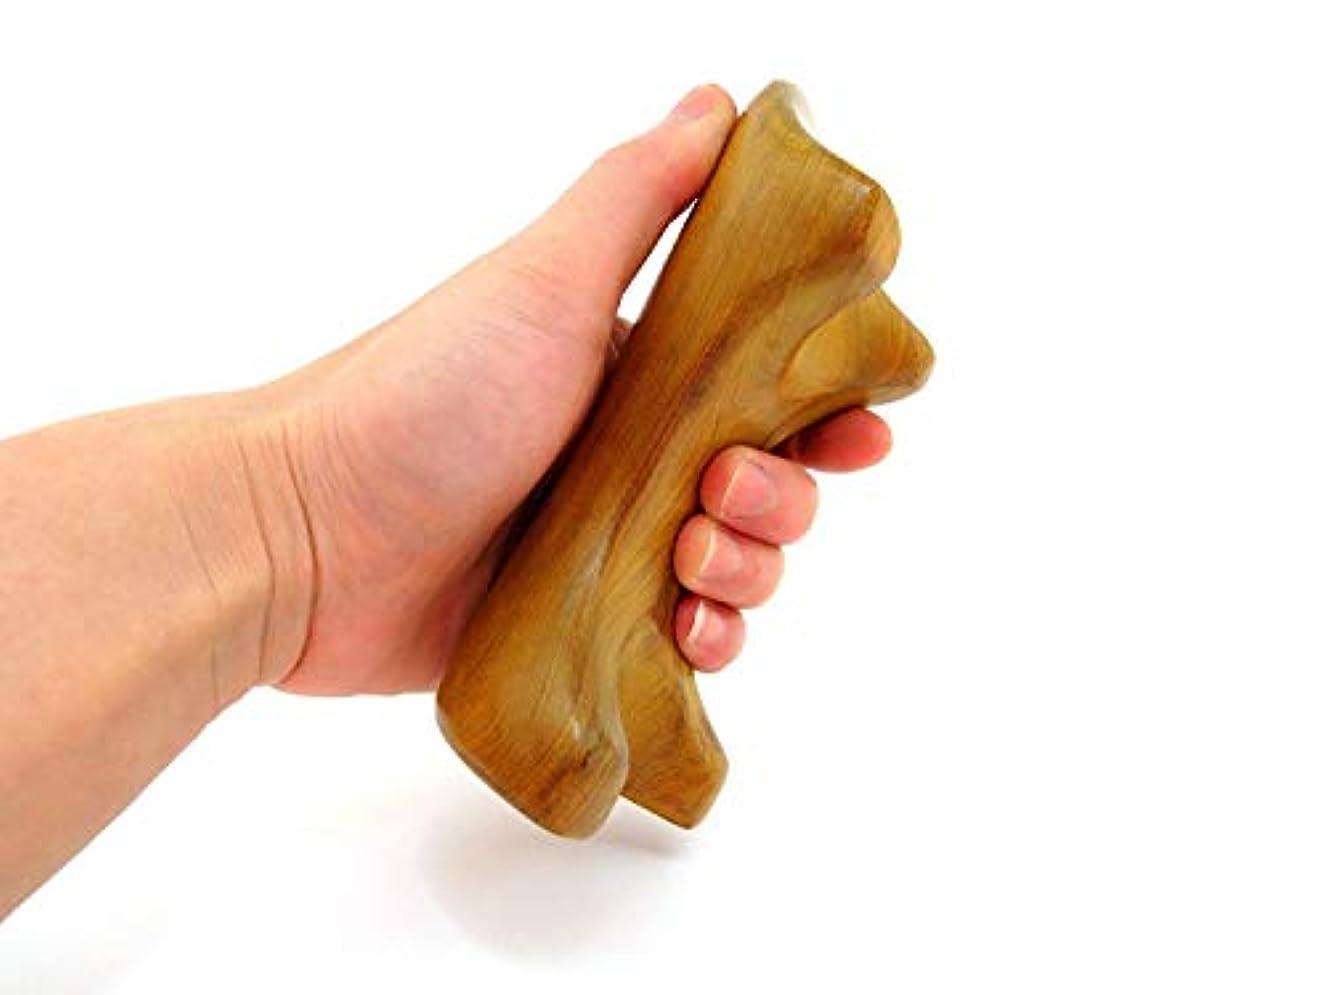 想像力どうやら放散するツボ 刺激 押し 握り かっさ プレート マッサージ棒 マッサージ台 天然木製 イヌ形